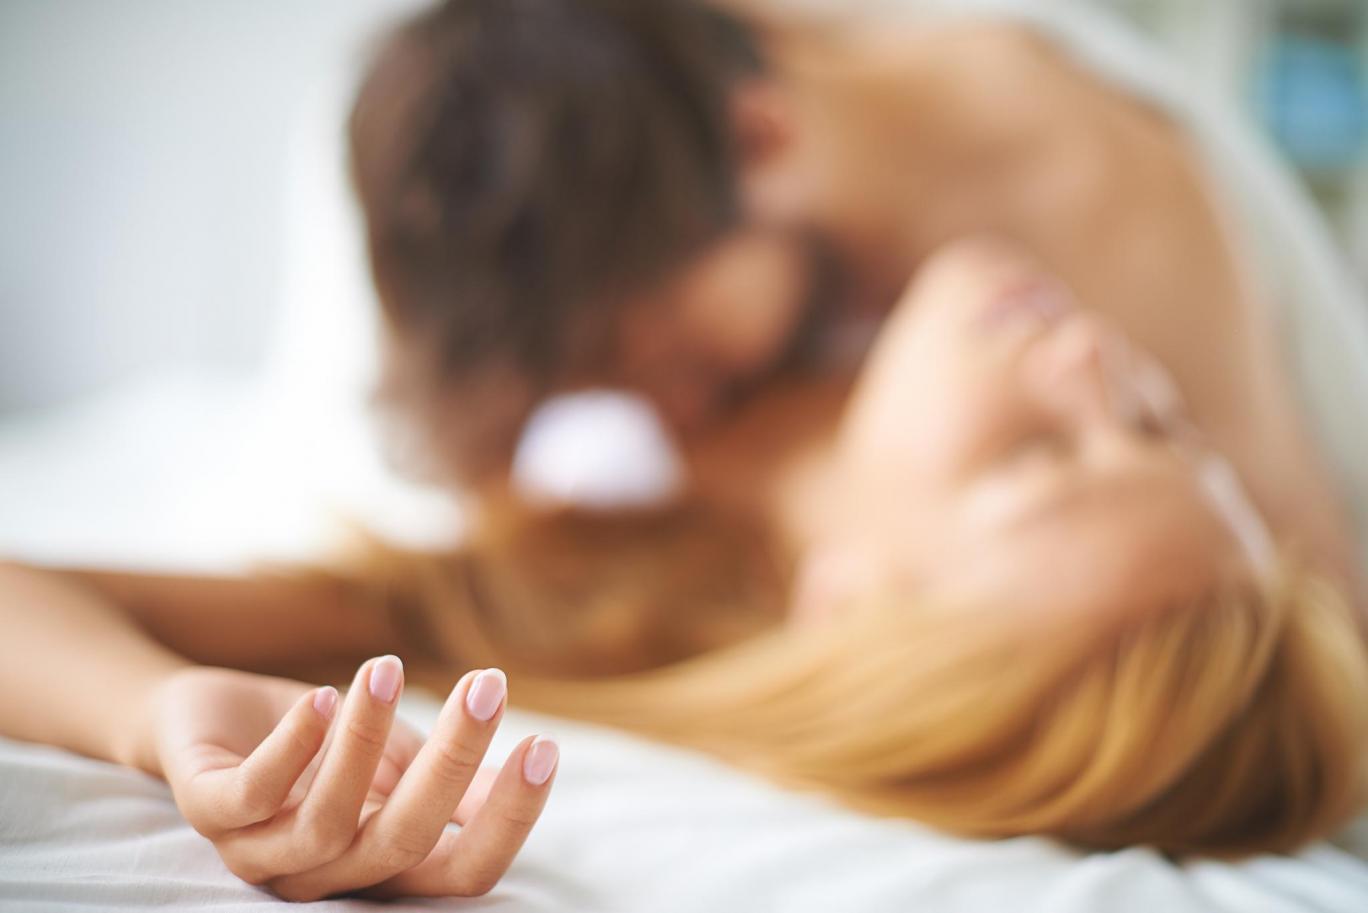 σεξ μασάζ στο Σαν Φρανσίσκο